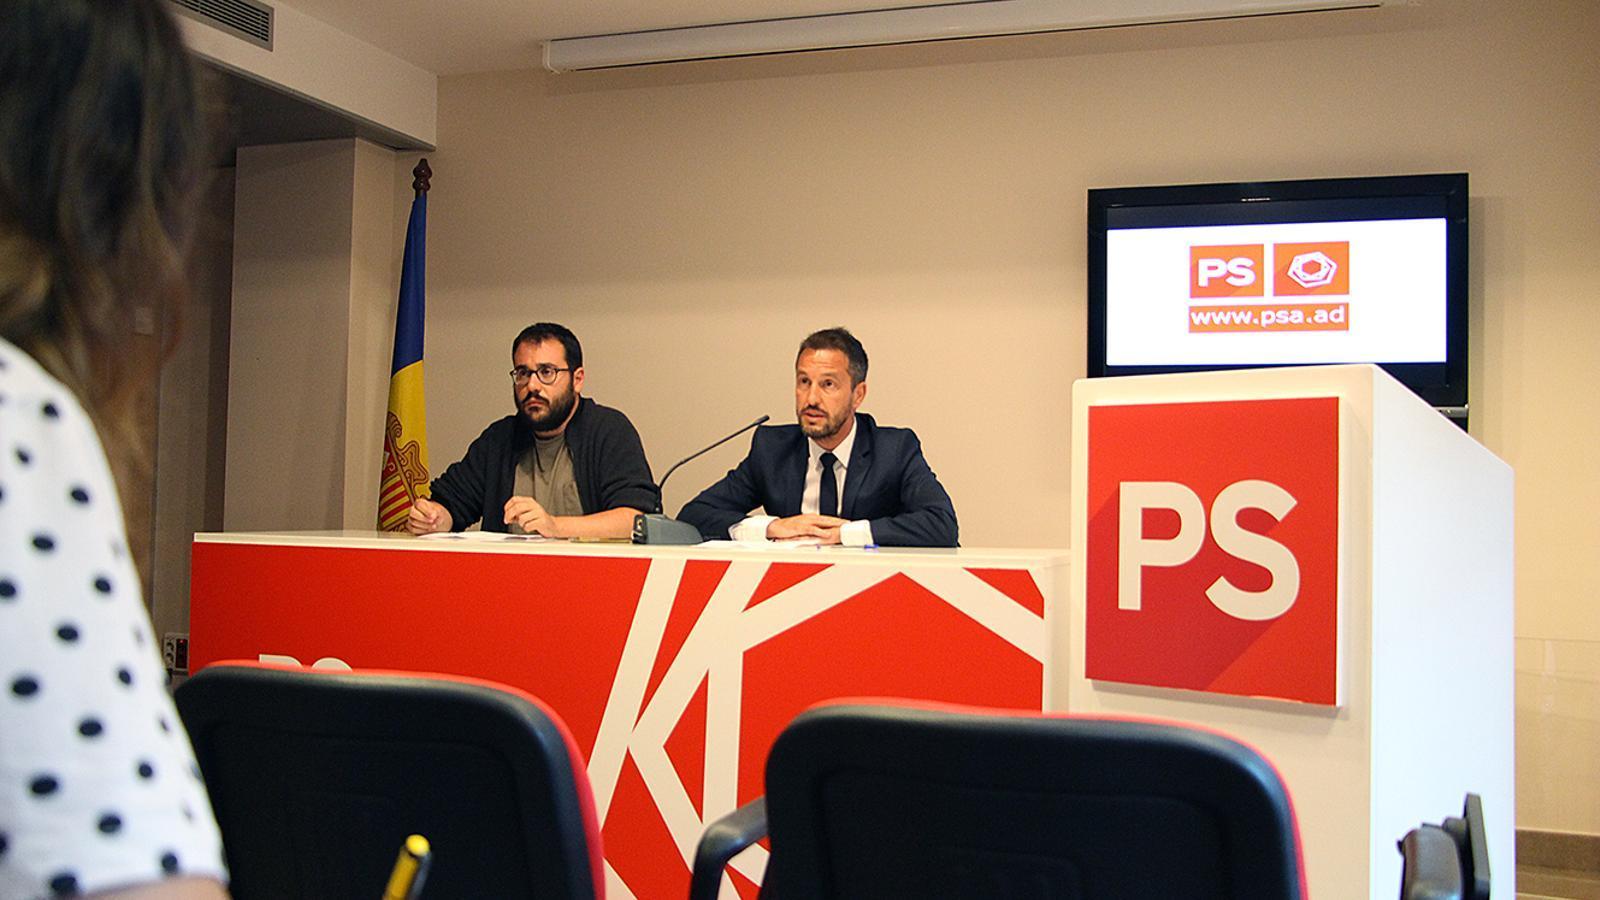 El secretari d'organització del PS, Carles Sánchez, i el president del partit, Pere Lòpez, durant la roda de premsa. / M. M.